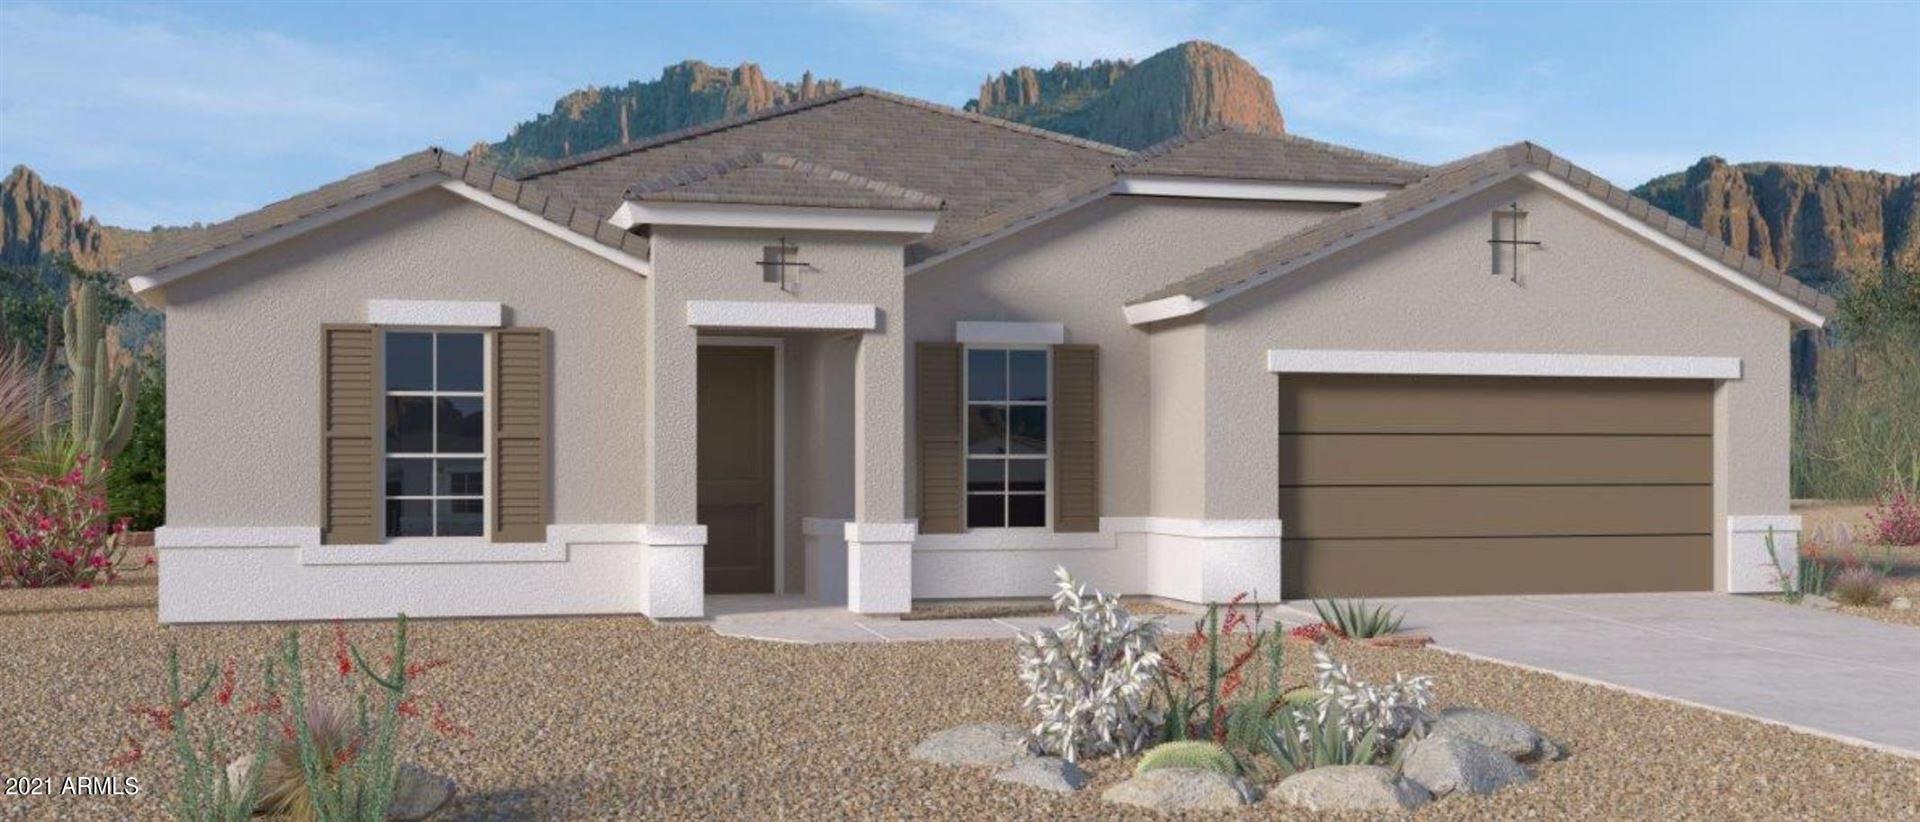 Photo for 44518 W PALO AMARILLO Road, Maricopa, AZ 85138 (MLS # 6228647)